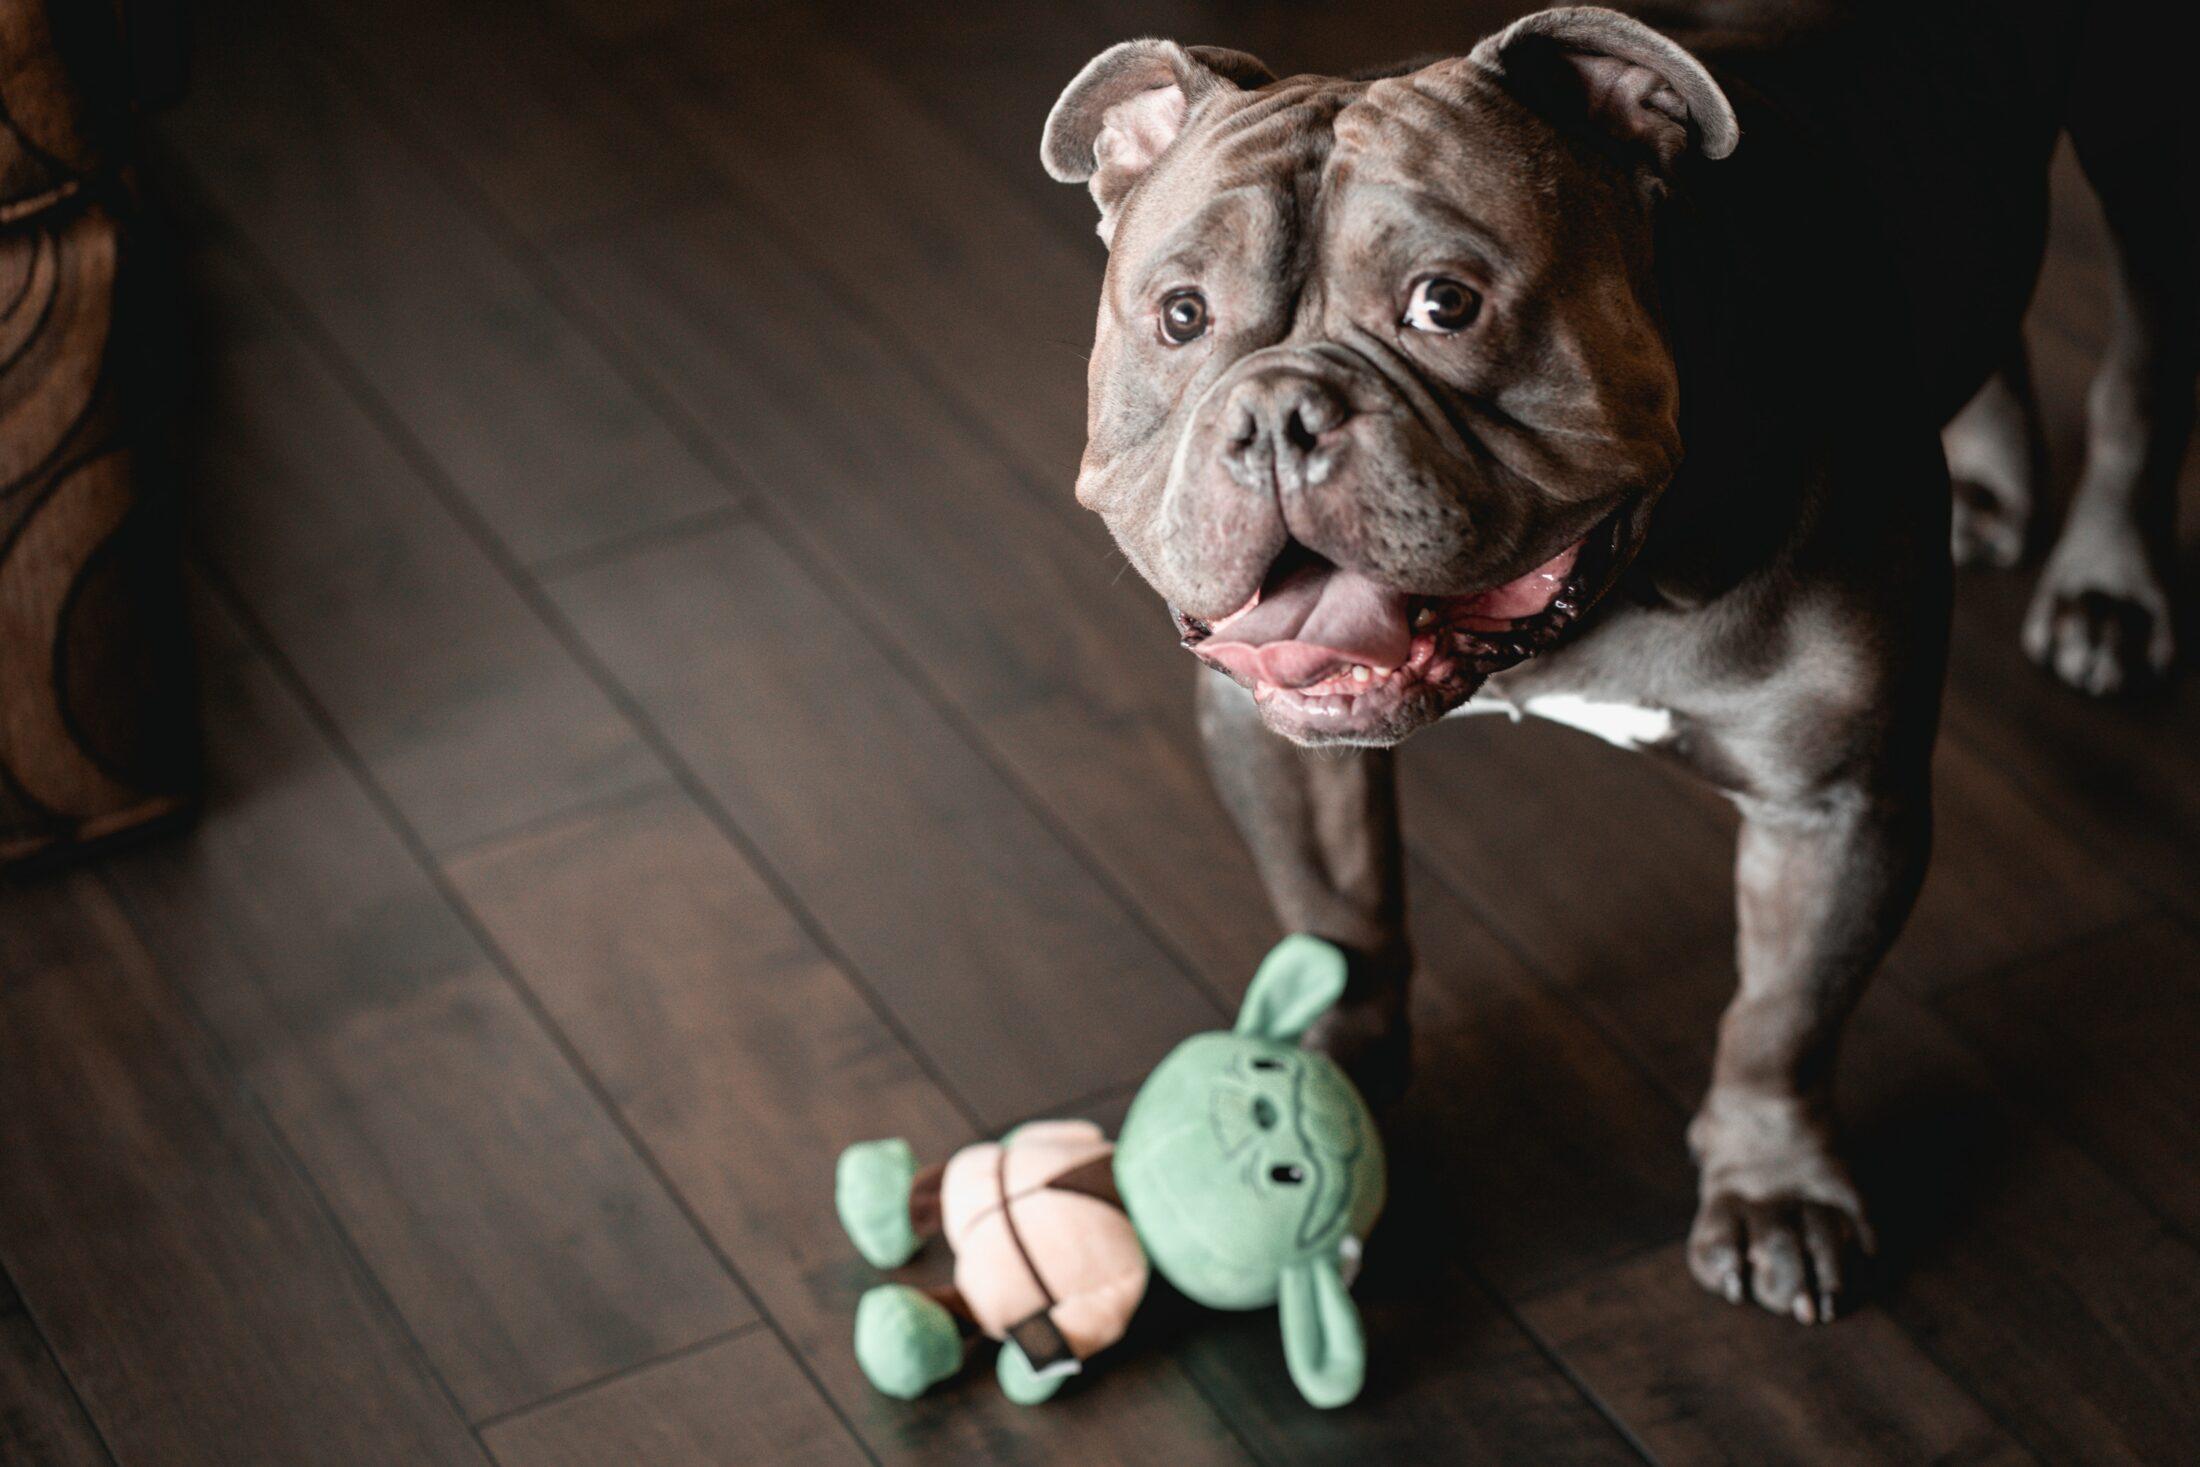 cachorro ocm ciúmes chamando atenção do dono trazendo brinquedo